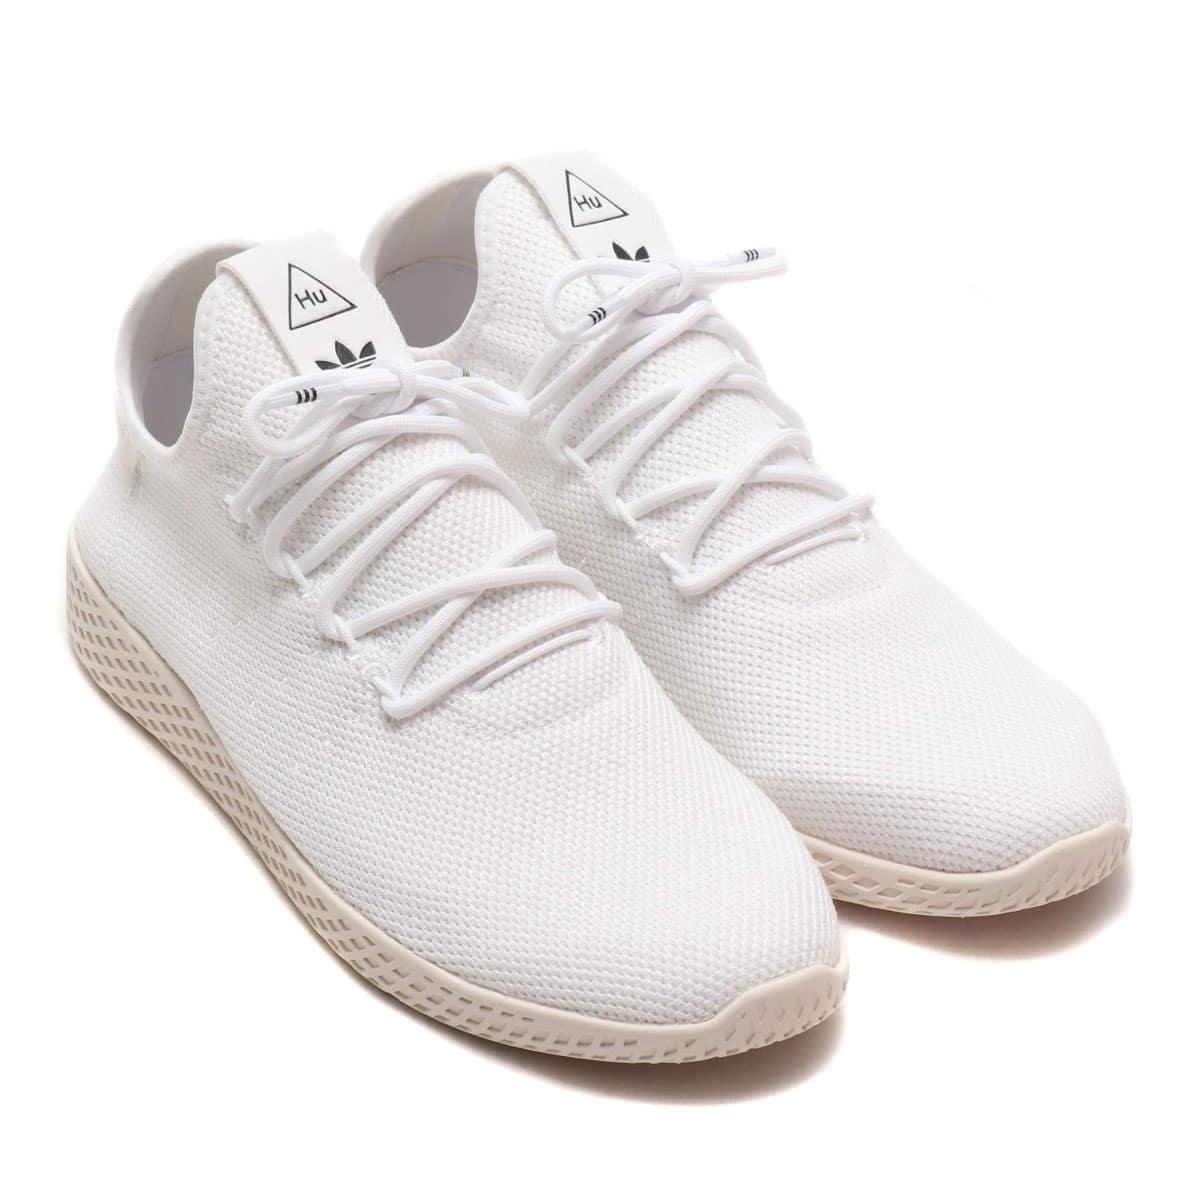 adidas Originals PW TENNIS HU RUNNING WHITE/RUNNING WHITE/CHALK WHITE 19SS-I_photo_large